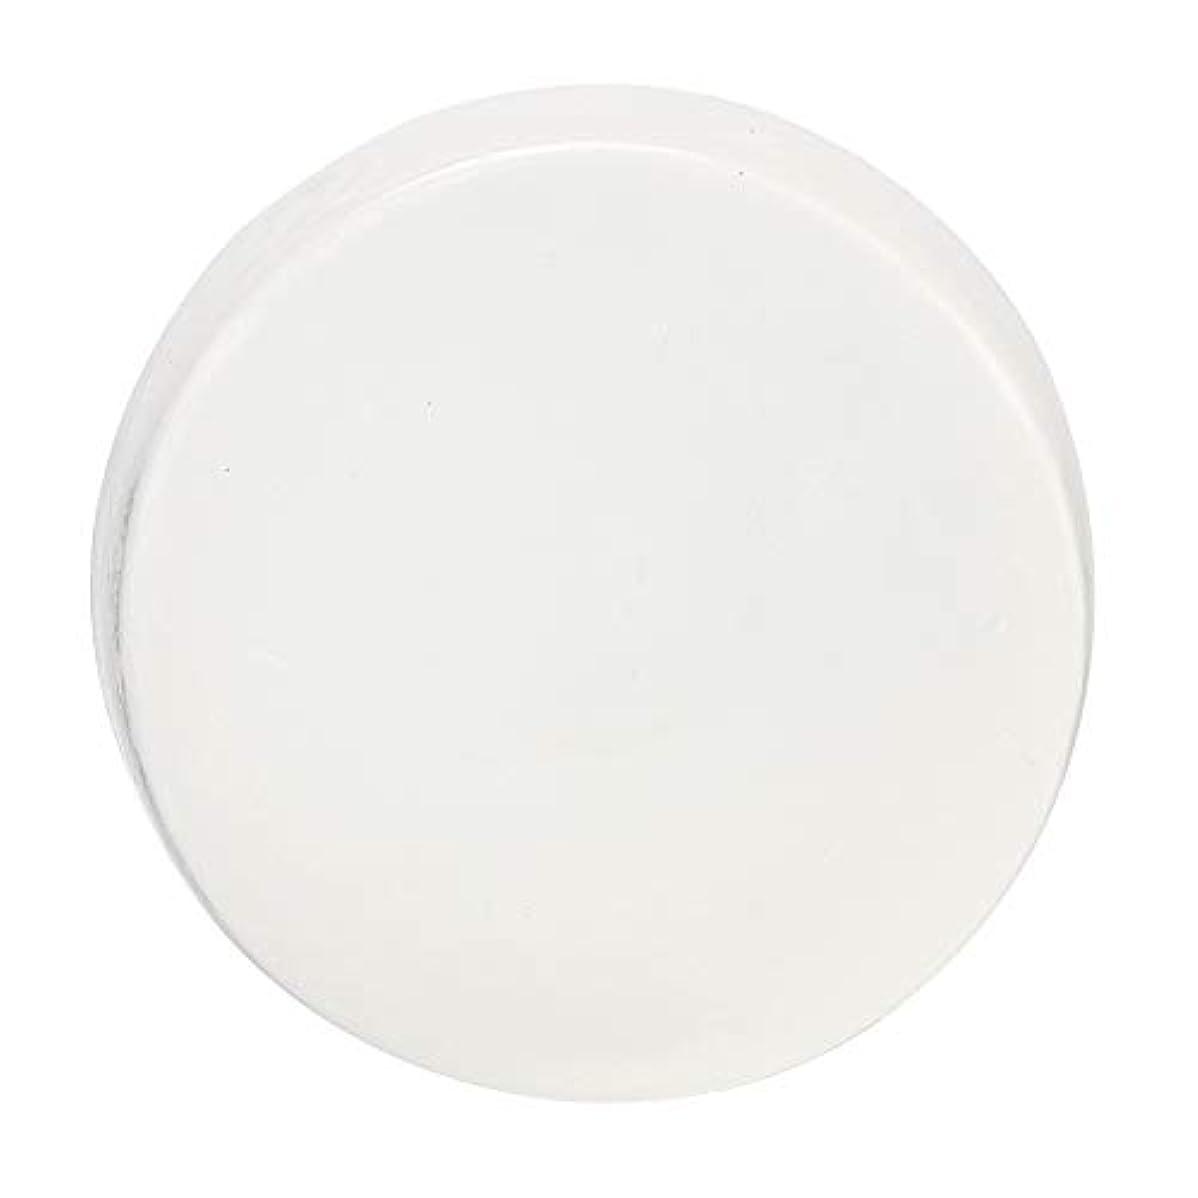 農村ハーフ遺伝的ホワイトニングクリスタルソープピンクニップルインティメイト40g